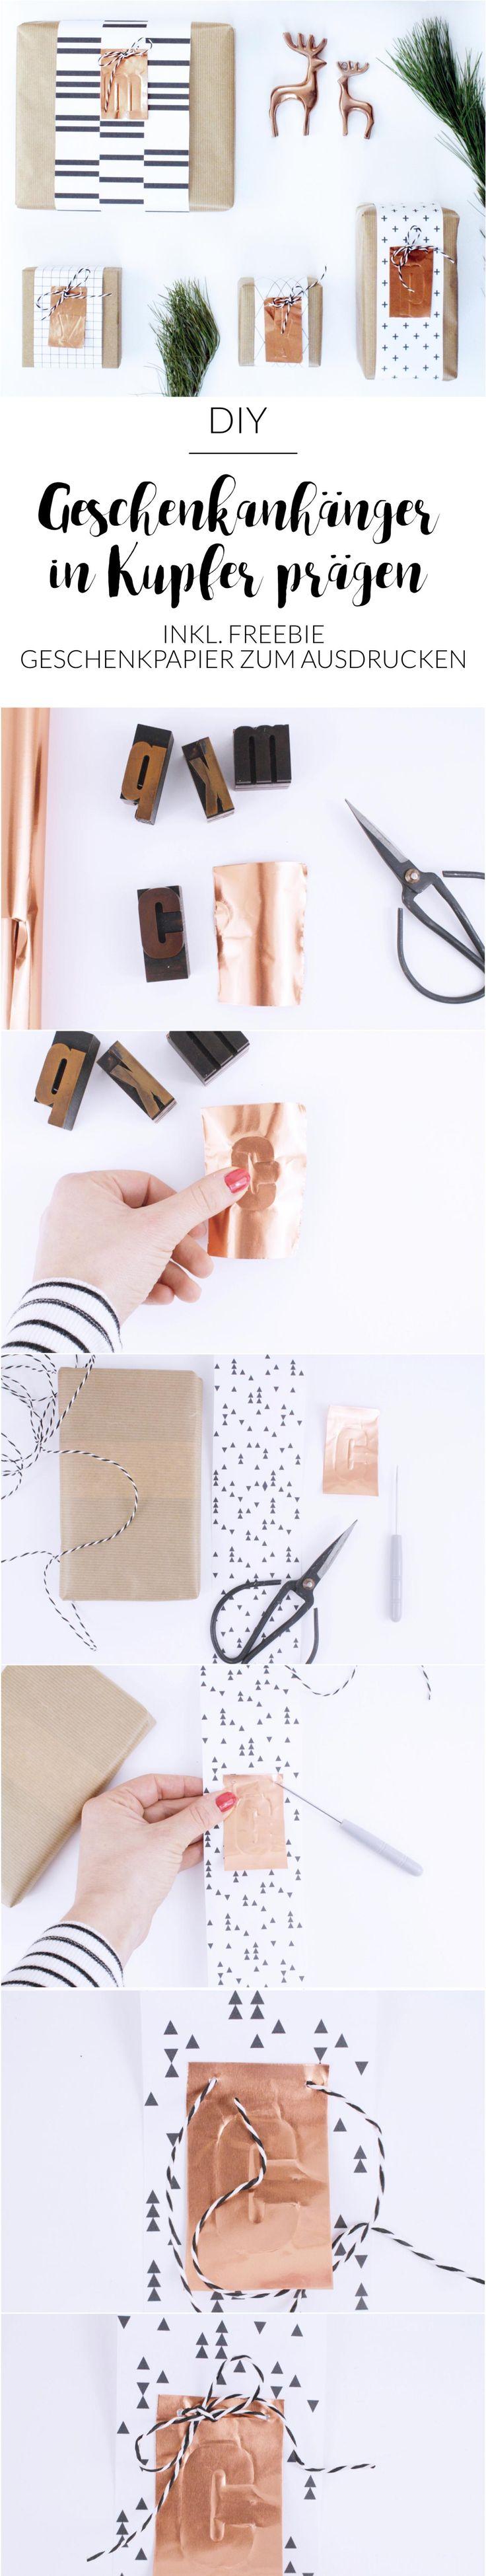 DIY | Geschenkanhänger | Kupfer | Weihnachten | Geschenk verpacken | Idee Geschenke einpacken | Verpackungsideen | schwarz | weiß | prägen | Initialen | Printables | Freebie | Geschenkpapier | minimalistisch | grafisches Muster